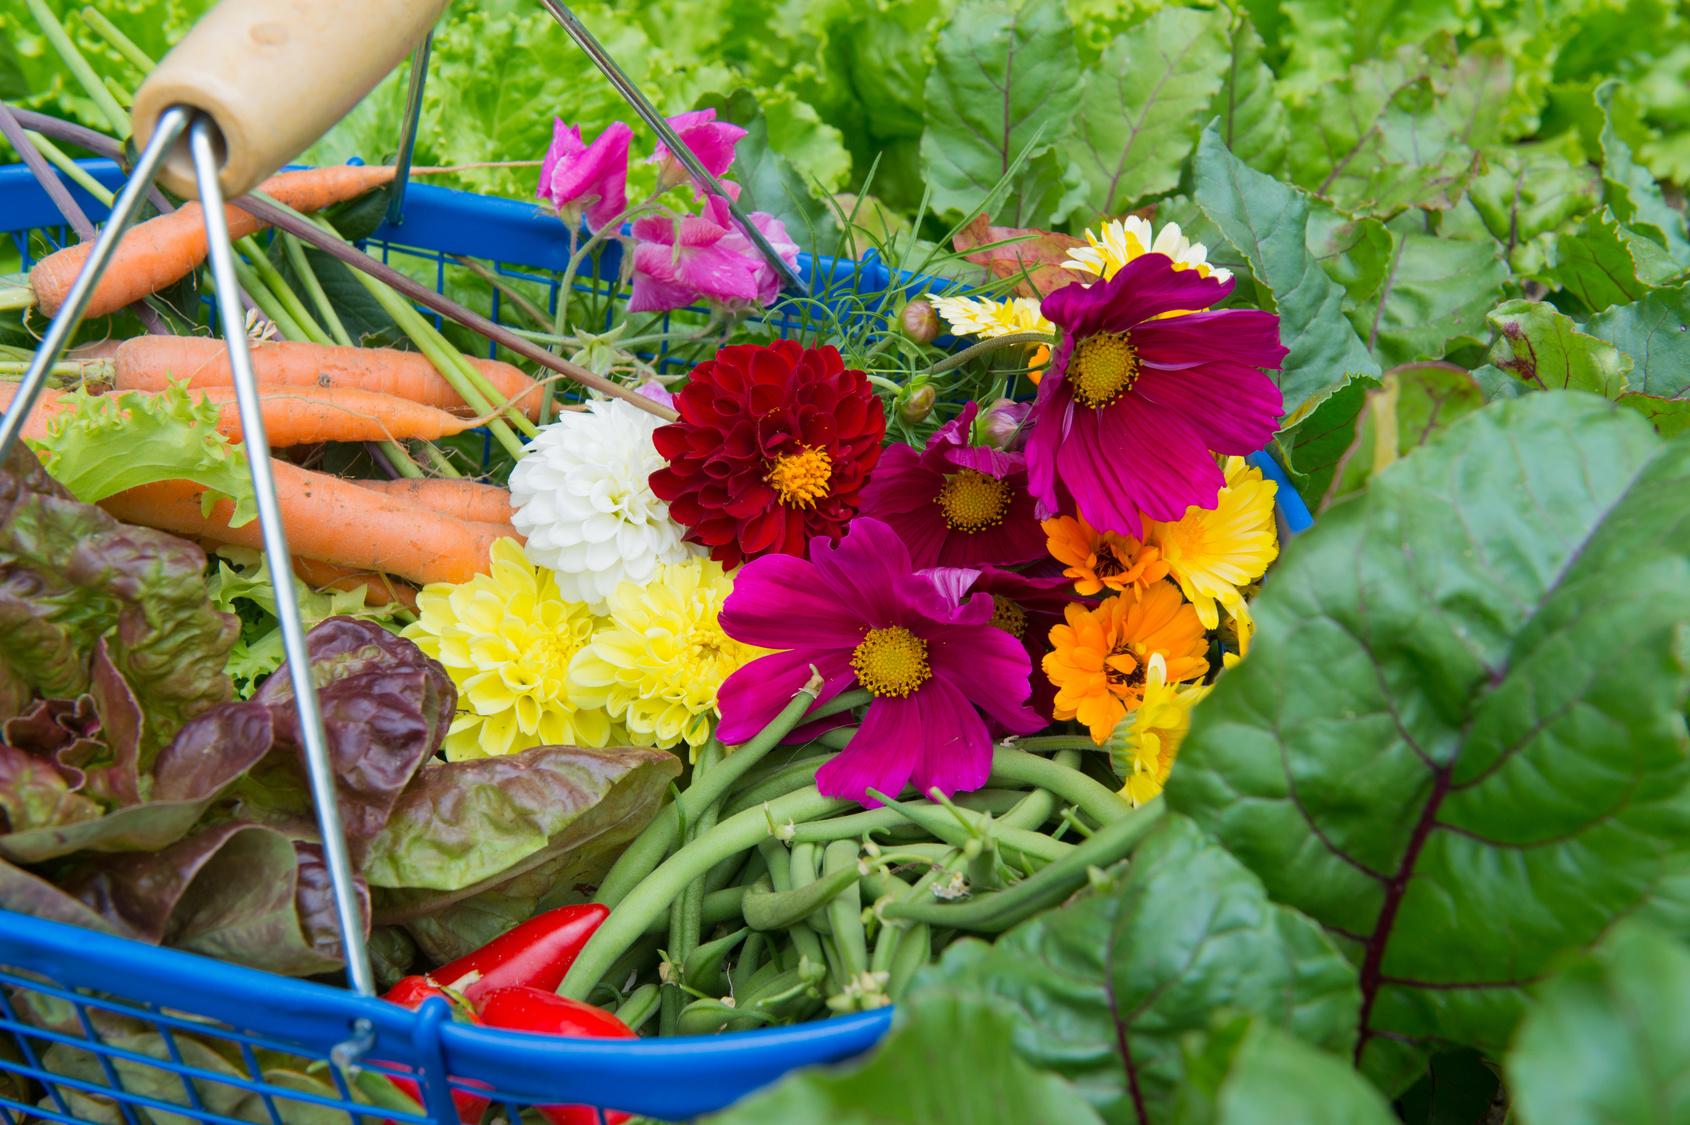 Fiori Da Piantare Nell Orto fiori nell'orto, belli e utili! ecco perché.